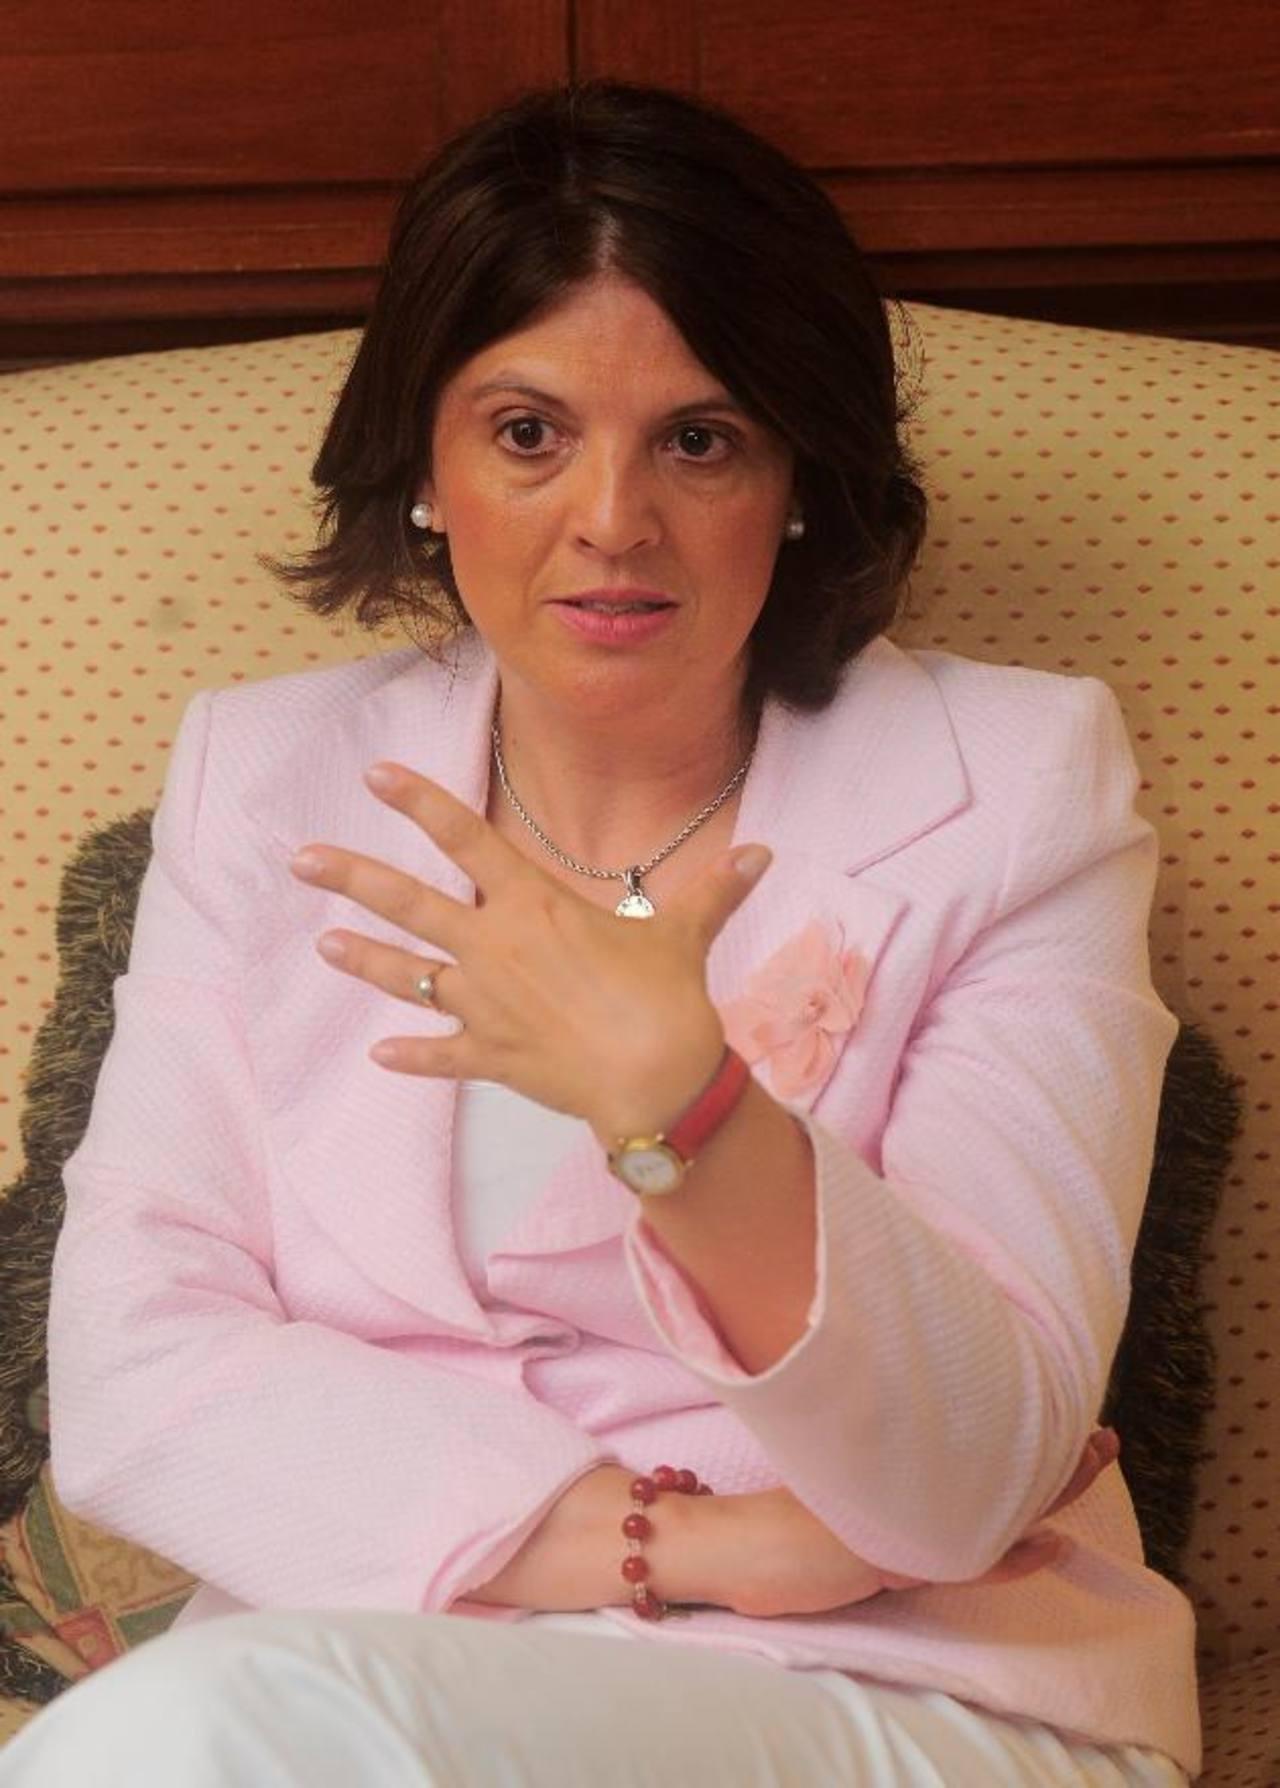 Patricia Debeljuh, conferencista y asesora experta en RSE y Ética Empresarial. foto edh / omar carbonero